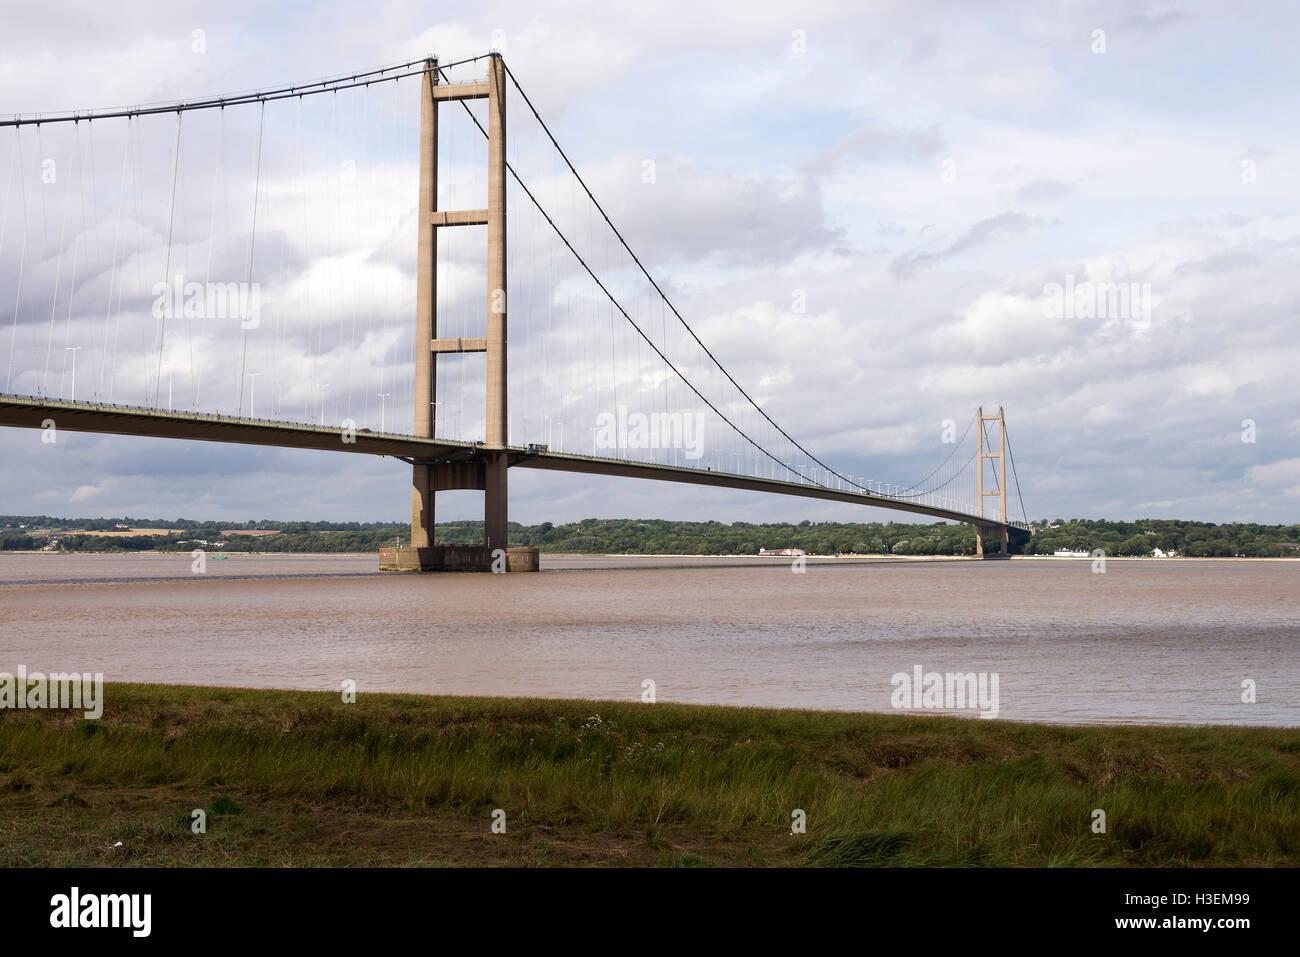 Le pont suspendu Humber traverse l'estuaire de la rivière Humber du Lincolnshire au Yorkshire Angleterre Royaume-Uni Banque D'Images